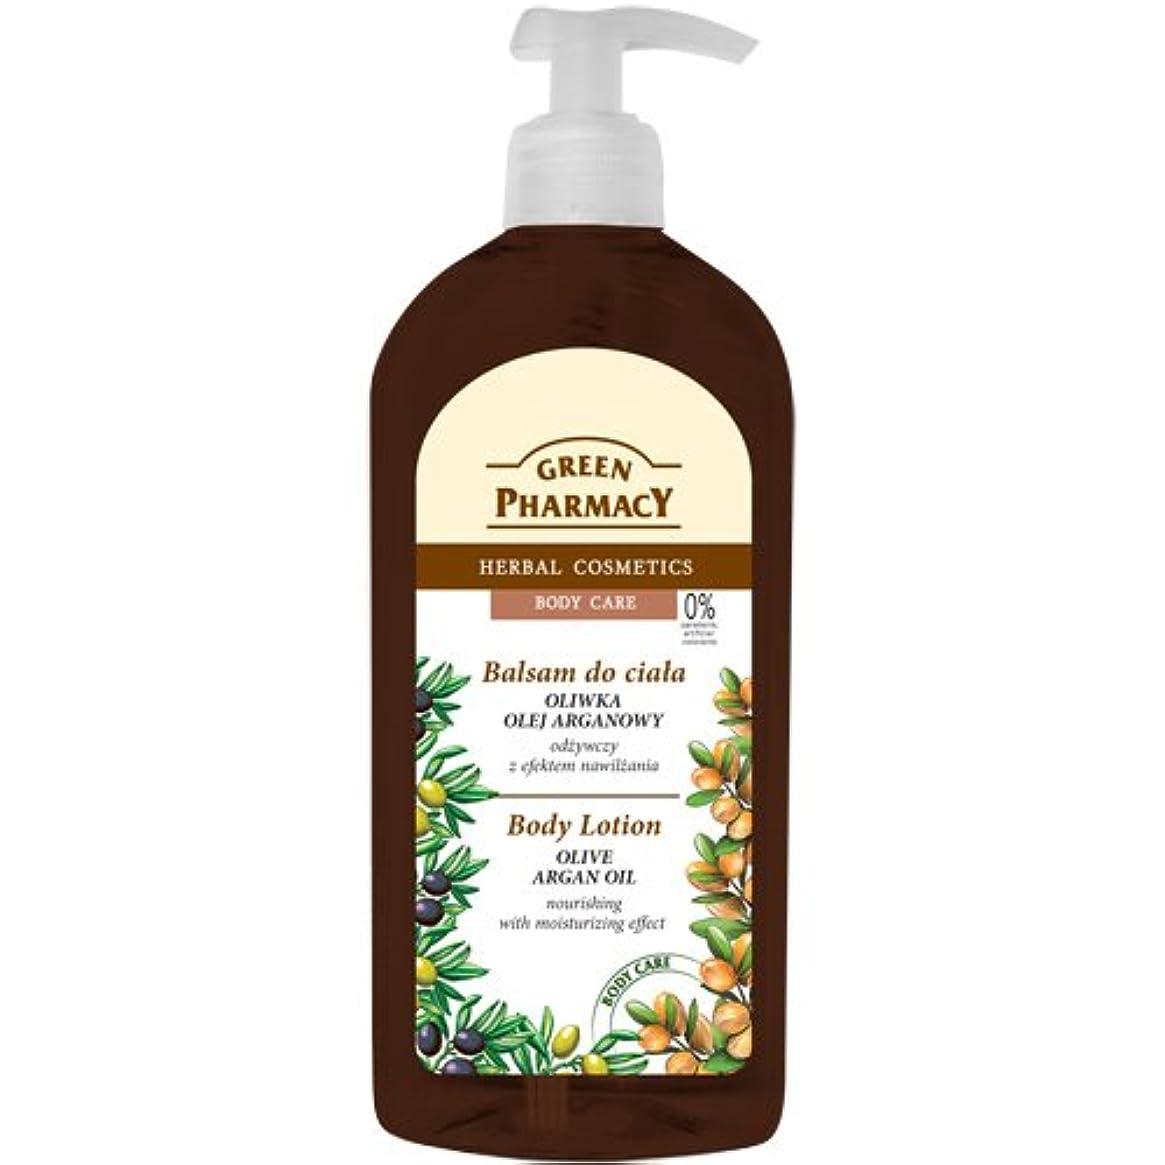 望遠鏡合理化限りなくElfa Pharm Green Pharmacy グリーンファーマシー Body Lotion ボディローション Olive Argan Oil